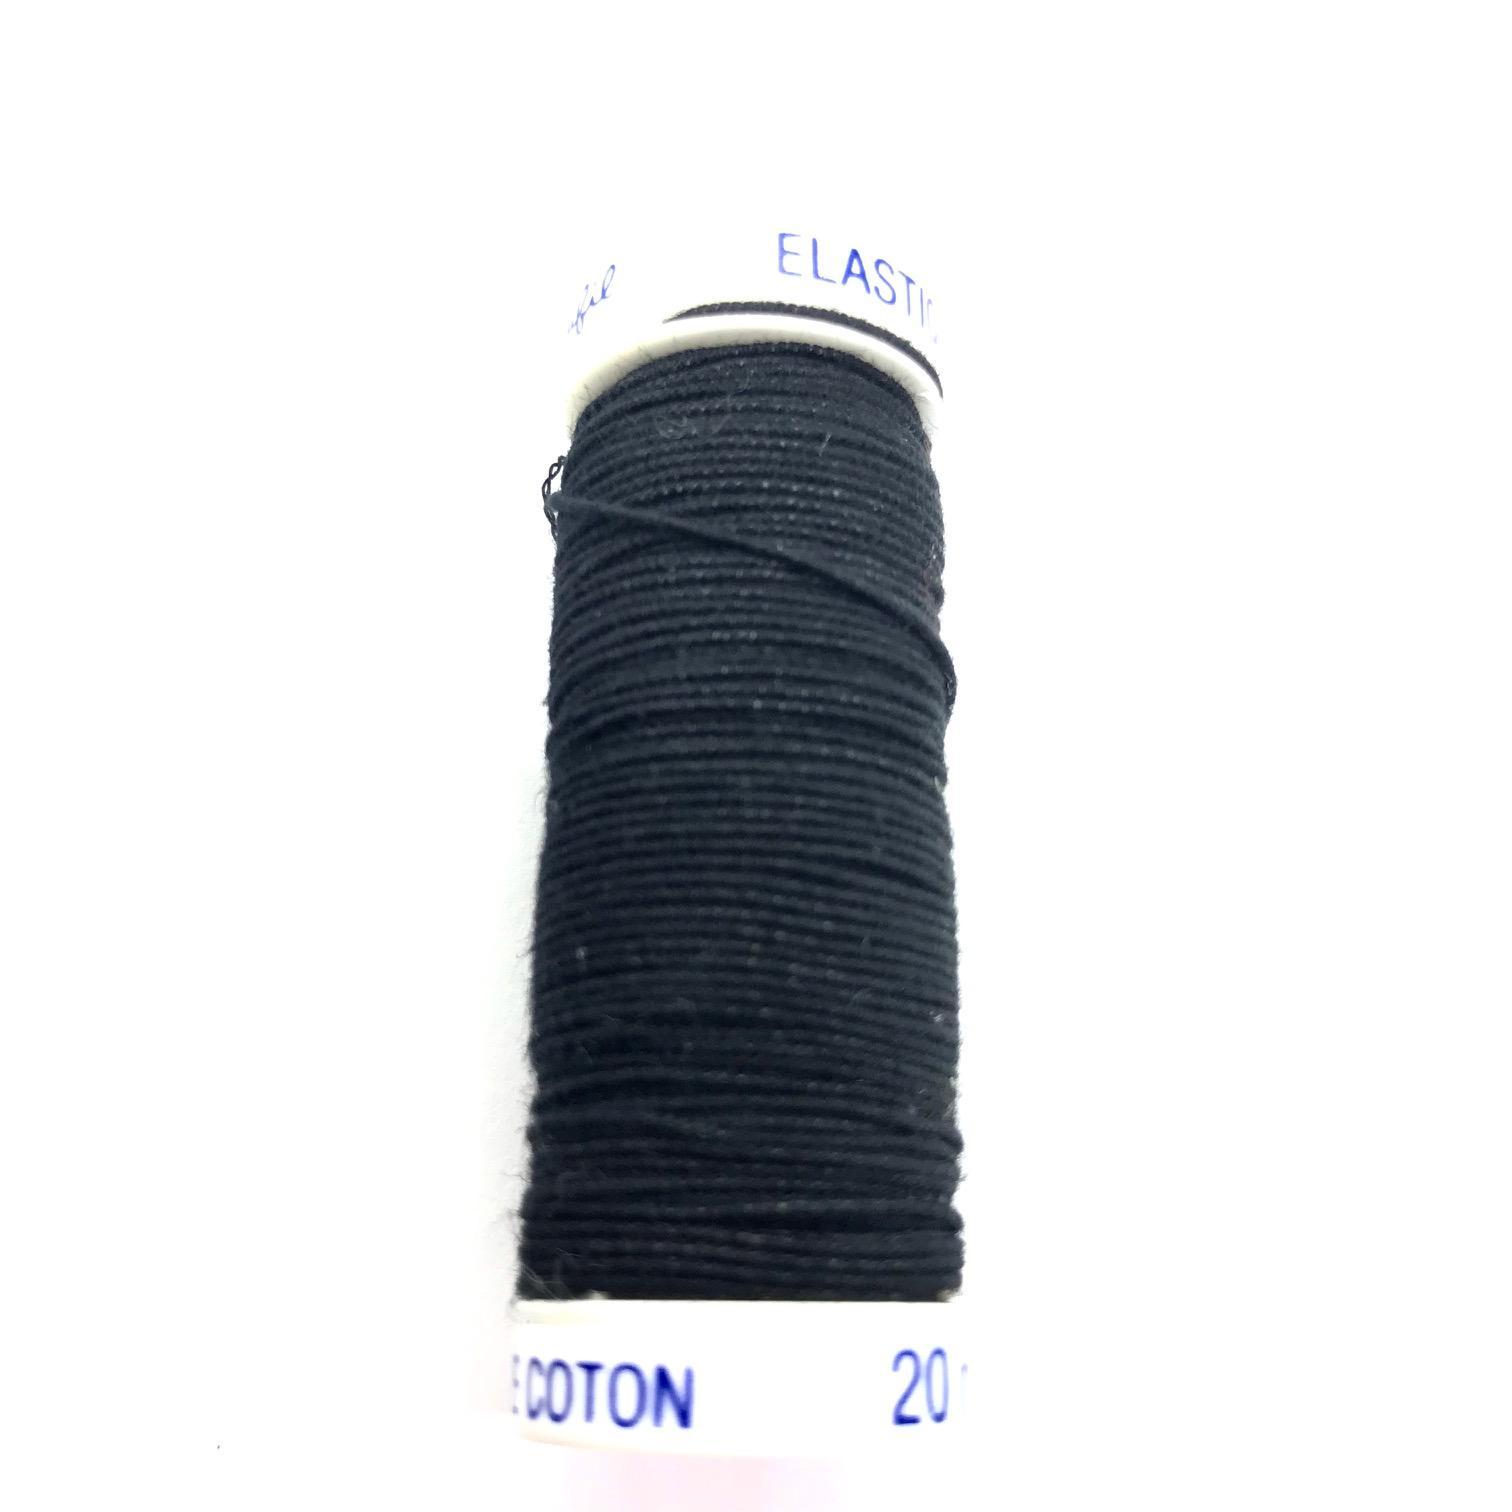 Fil elastique pour fronces 1cm de diametre 20m noir